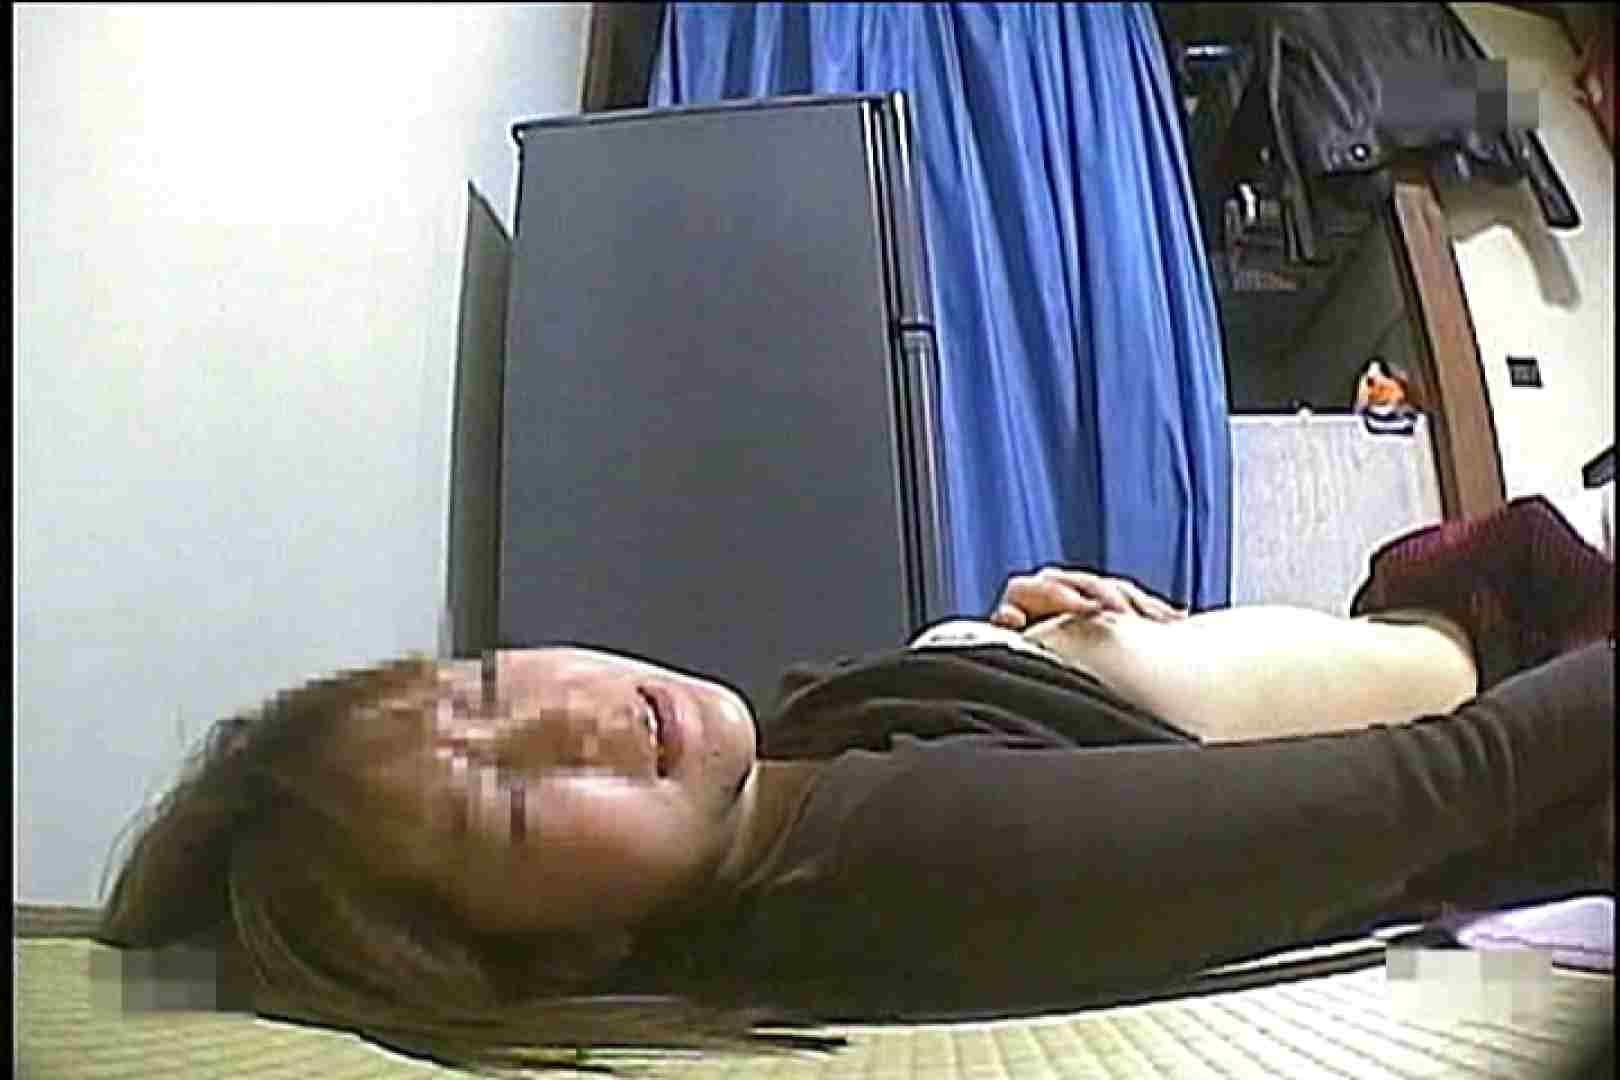 逝き過ぎ!!イケナイお姉さまVol.5 卑猥  68画像 60